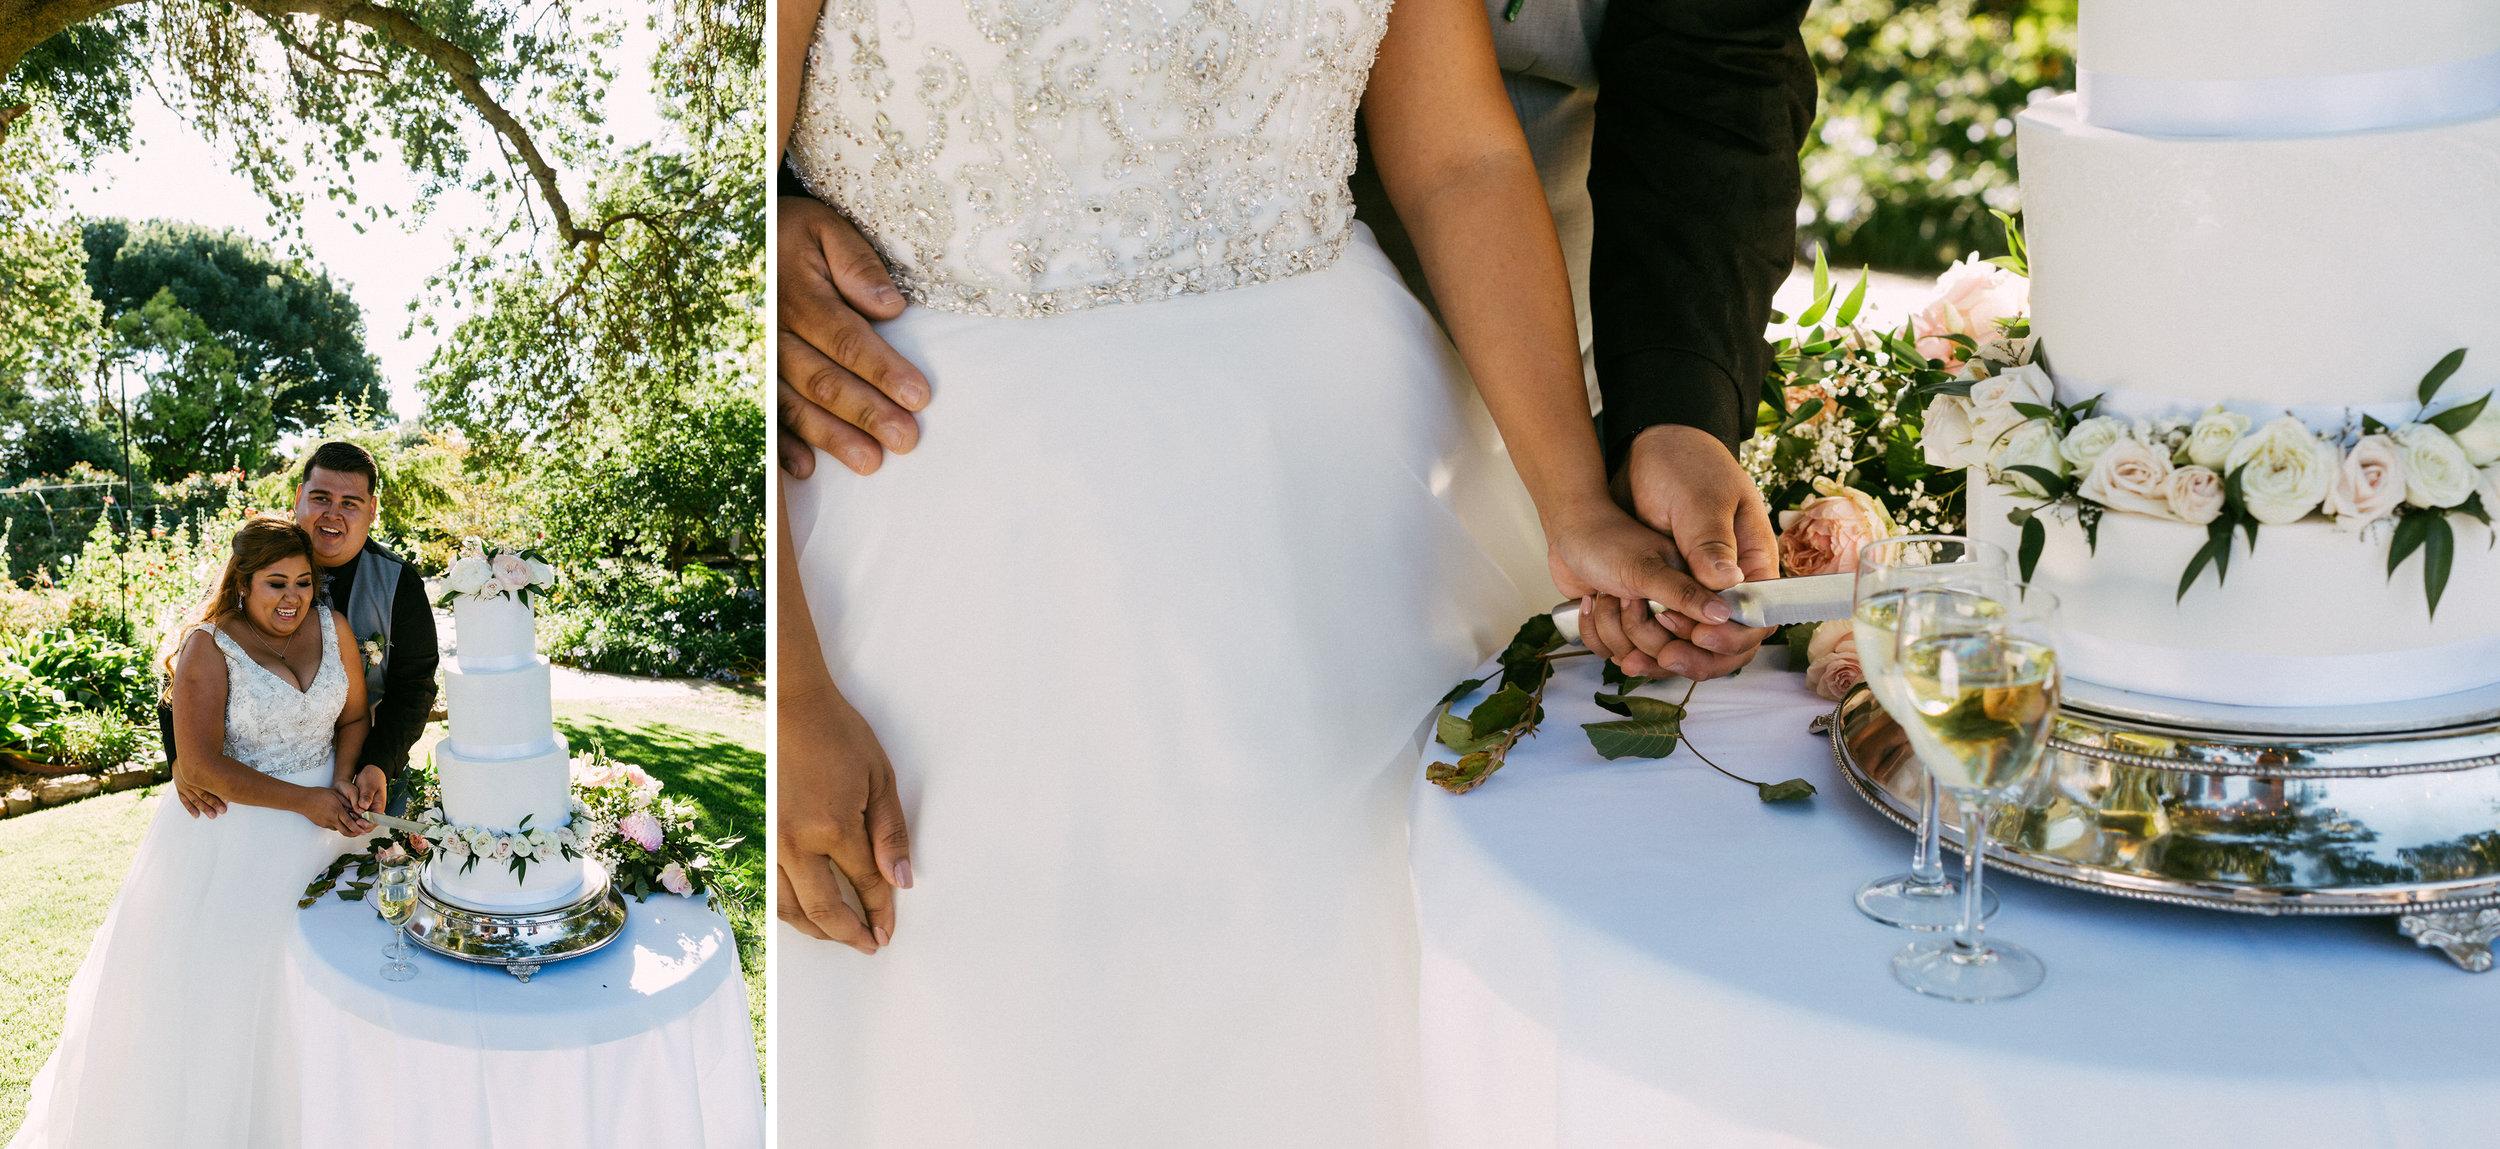 Al Ru Farm Summer Wedding 095.jpg